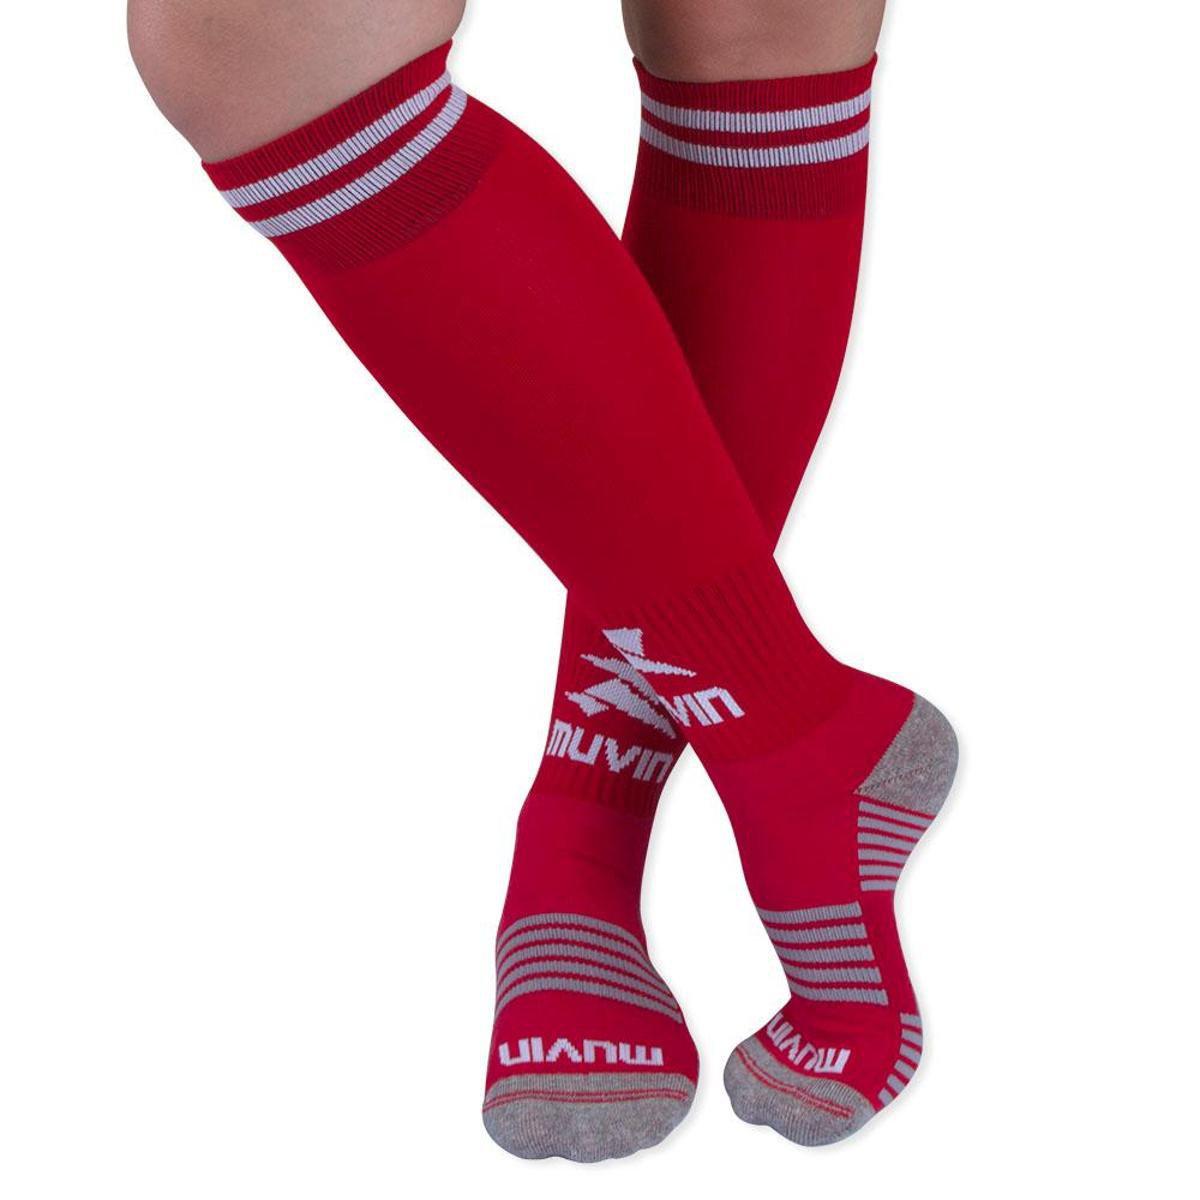 Meião Futebol Confort Juvenil Muvin - Vermelho e Branco - Compre ... fd33addfa4d06